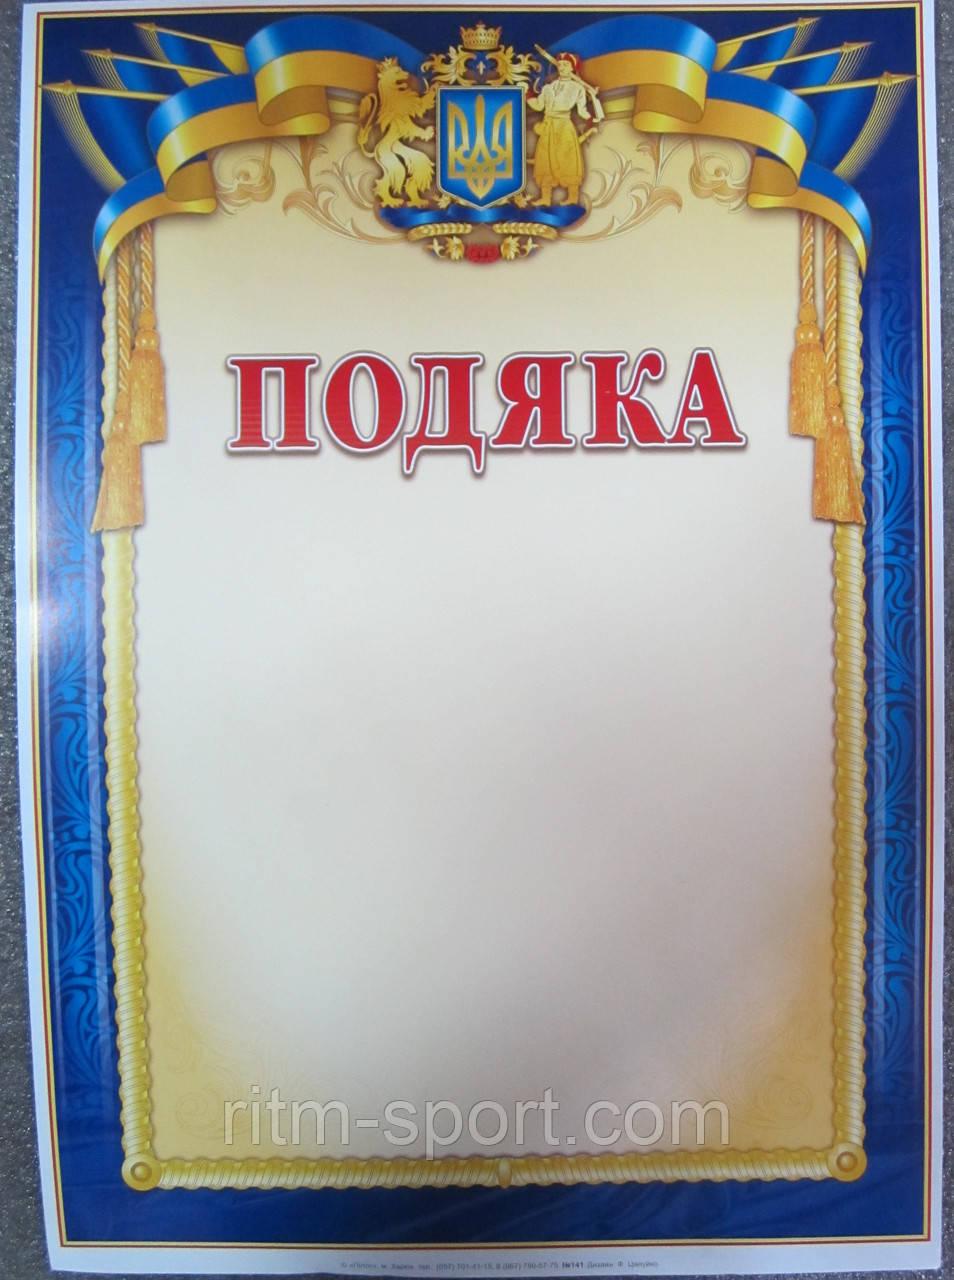 Подяка (бланк з зображенням великого герба України)